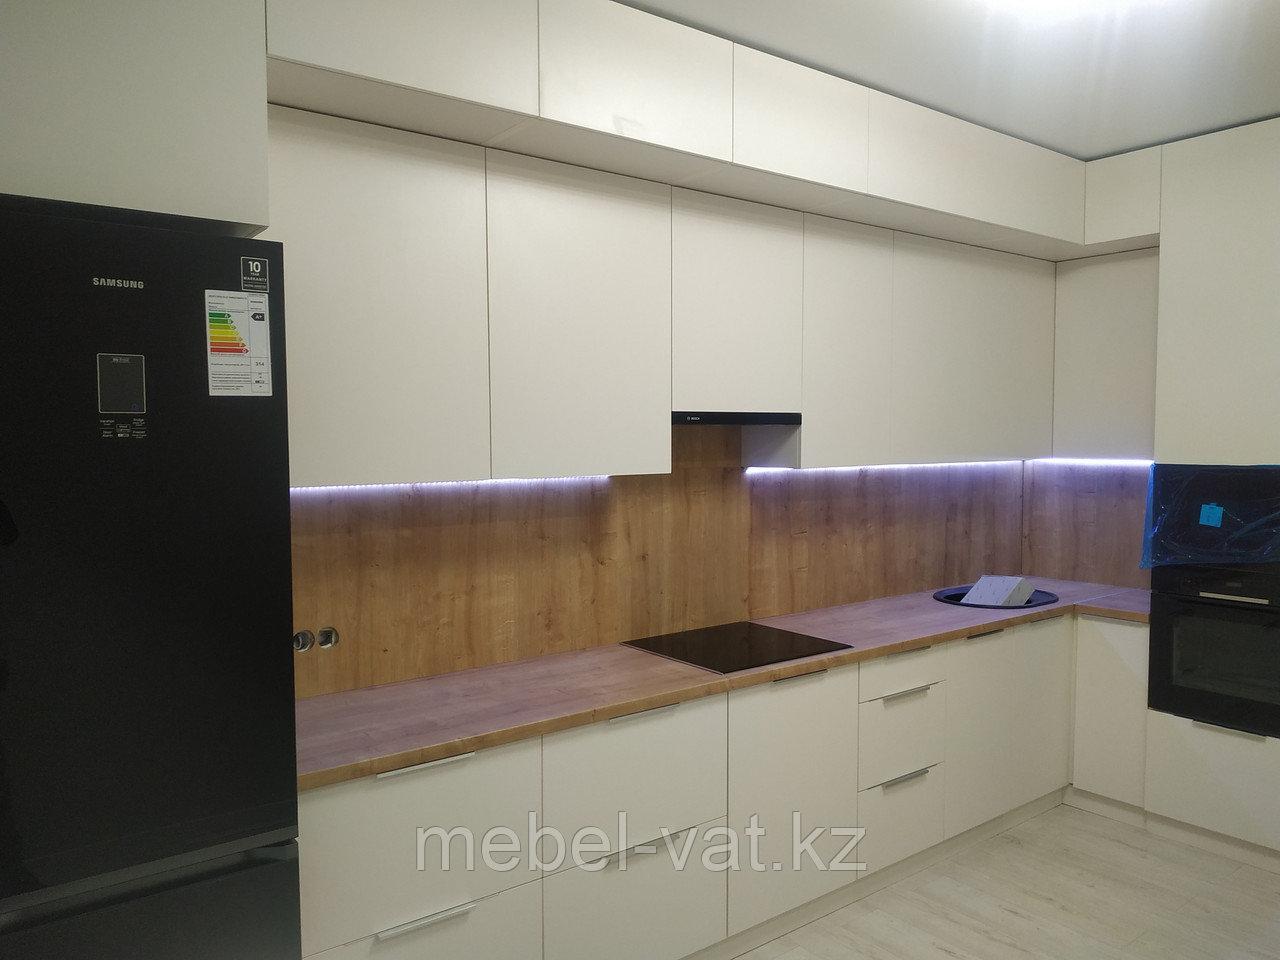 Кухонный гарнитур: современный стиль